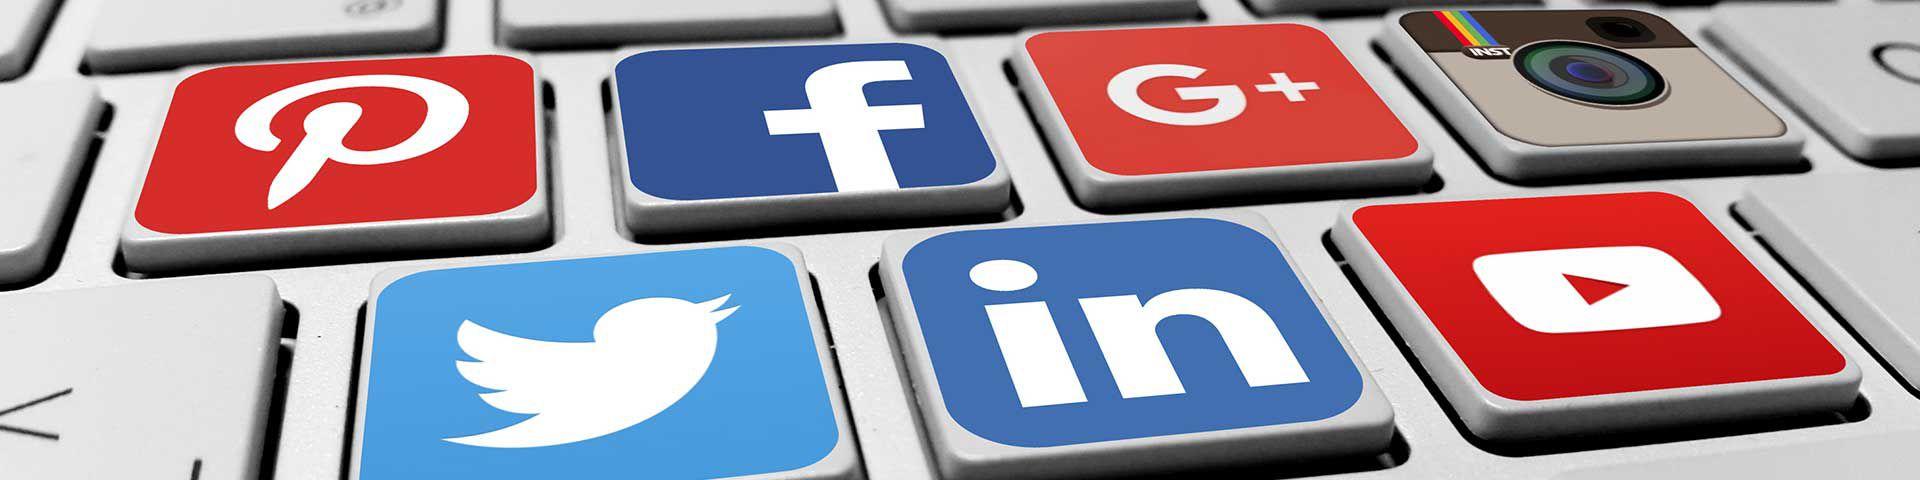 SMM (продвижение в социальных сетях)